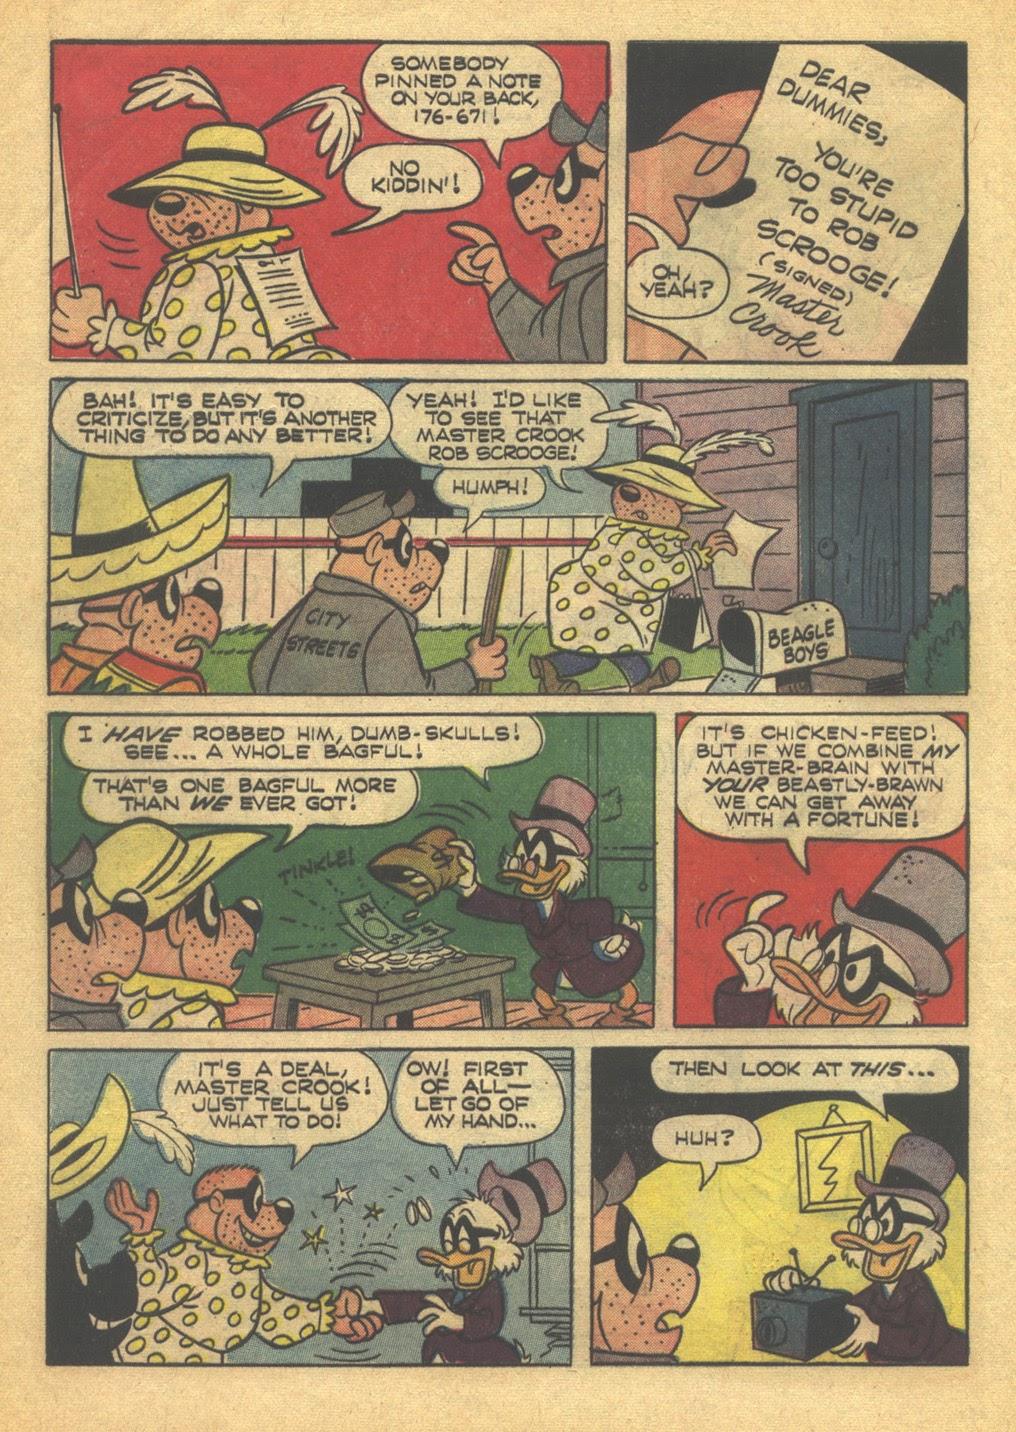 Walt Disney THE BEAGLE BOYS issue 7 - Page 28